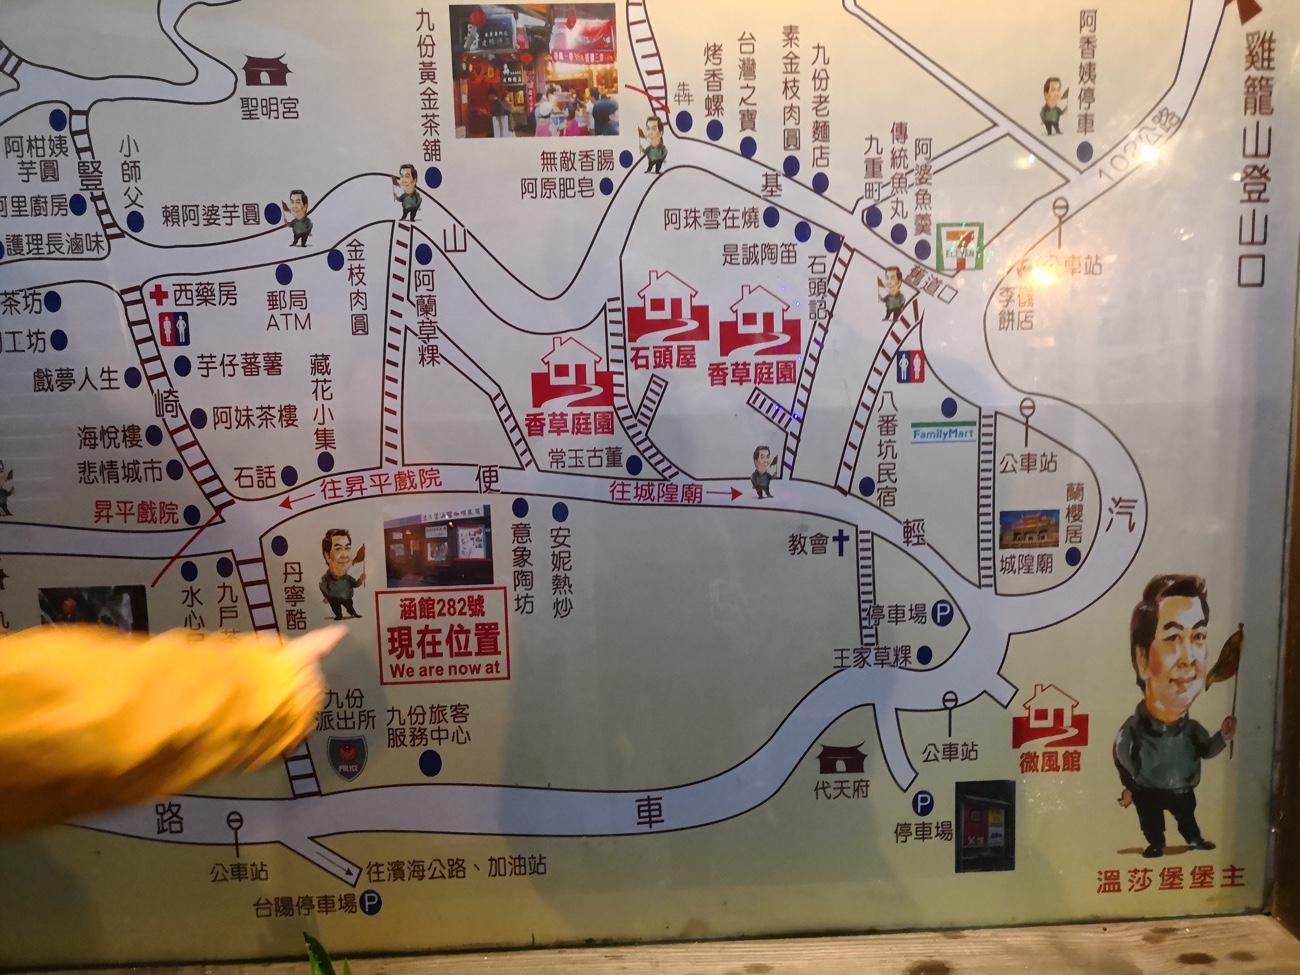 九份の地図マップ 九份観光おすすめ